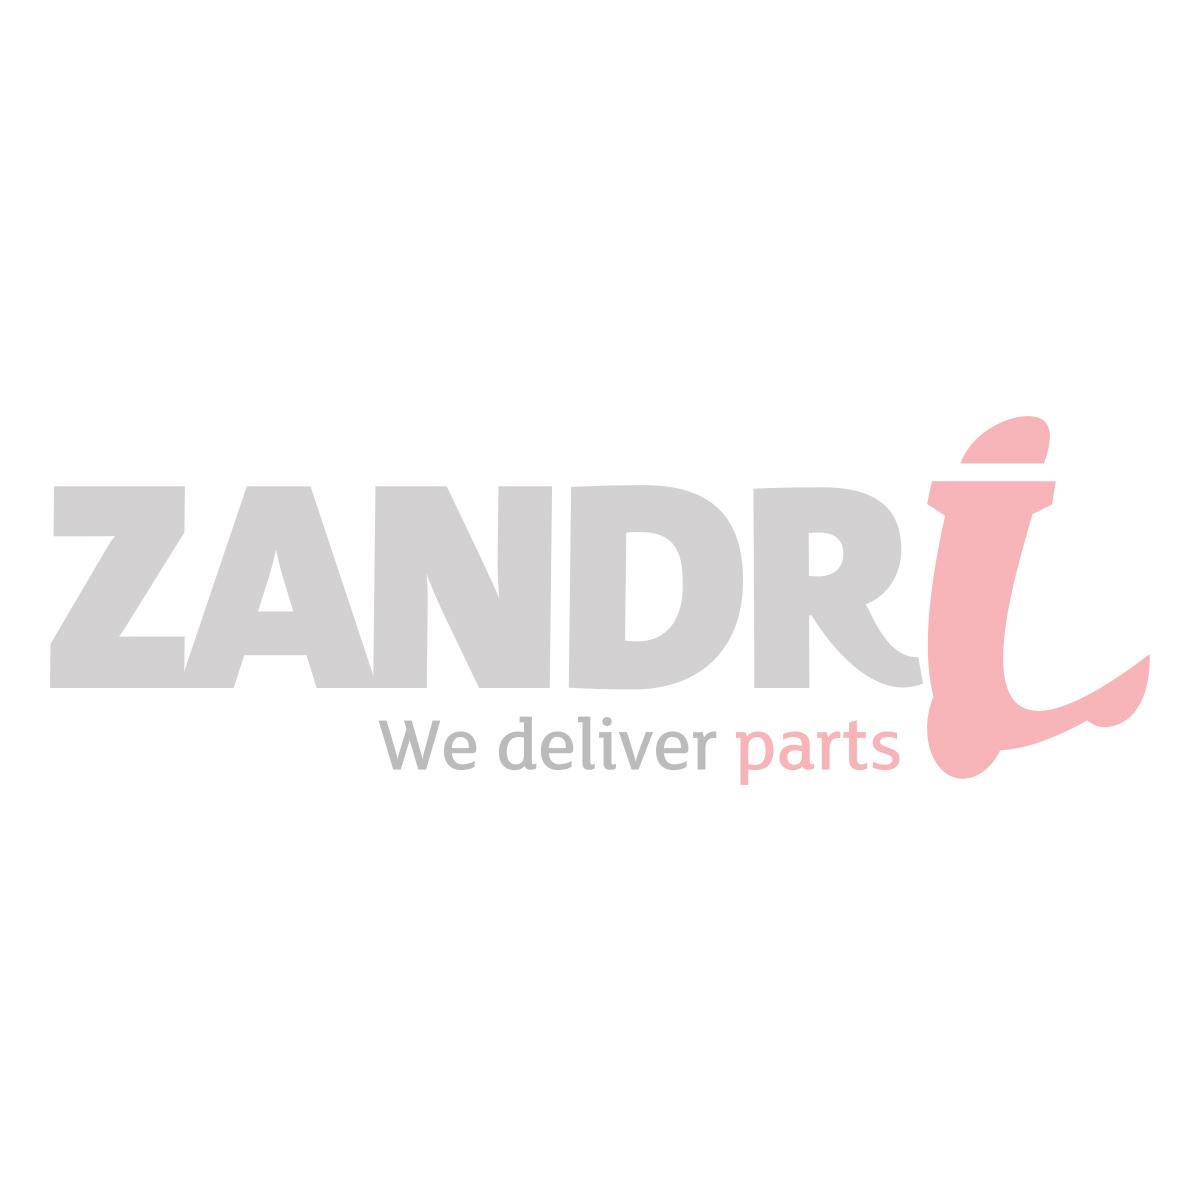 Luchtfilter Piaggio Diesis / DNA / ICE / Mojito / Runner Pro / Zip 2000 / Zip 2000 SP origineel 832175